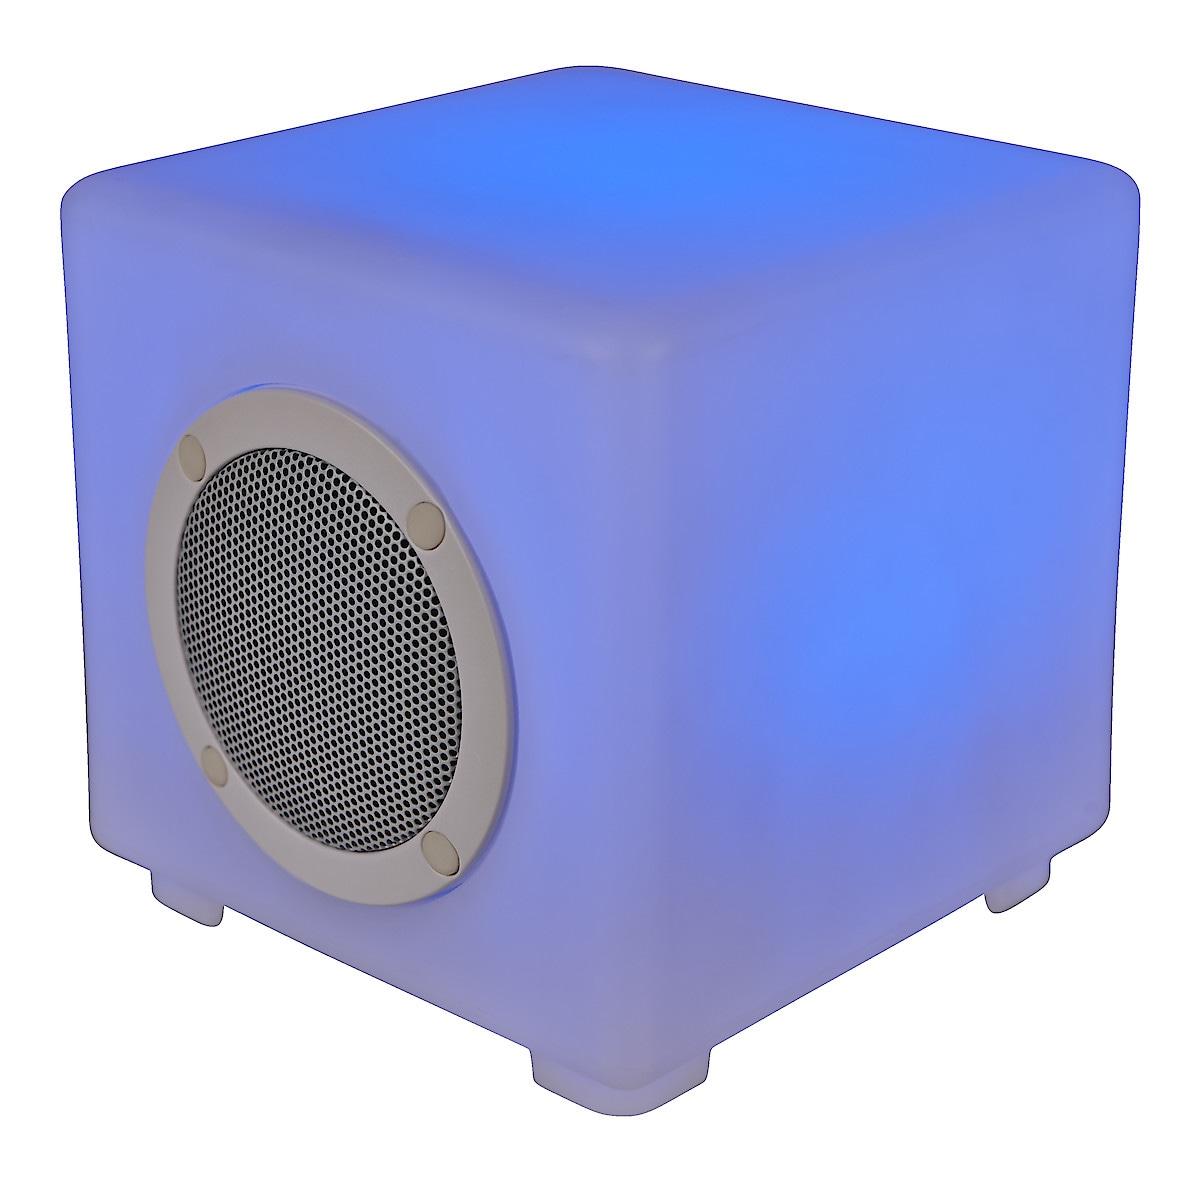 Högtalare med LED-belysning